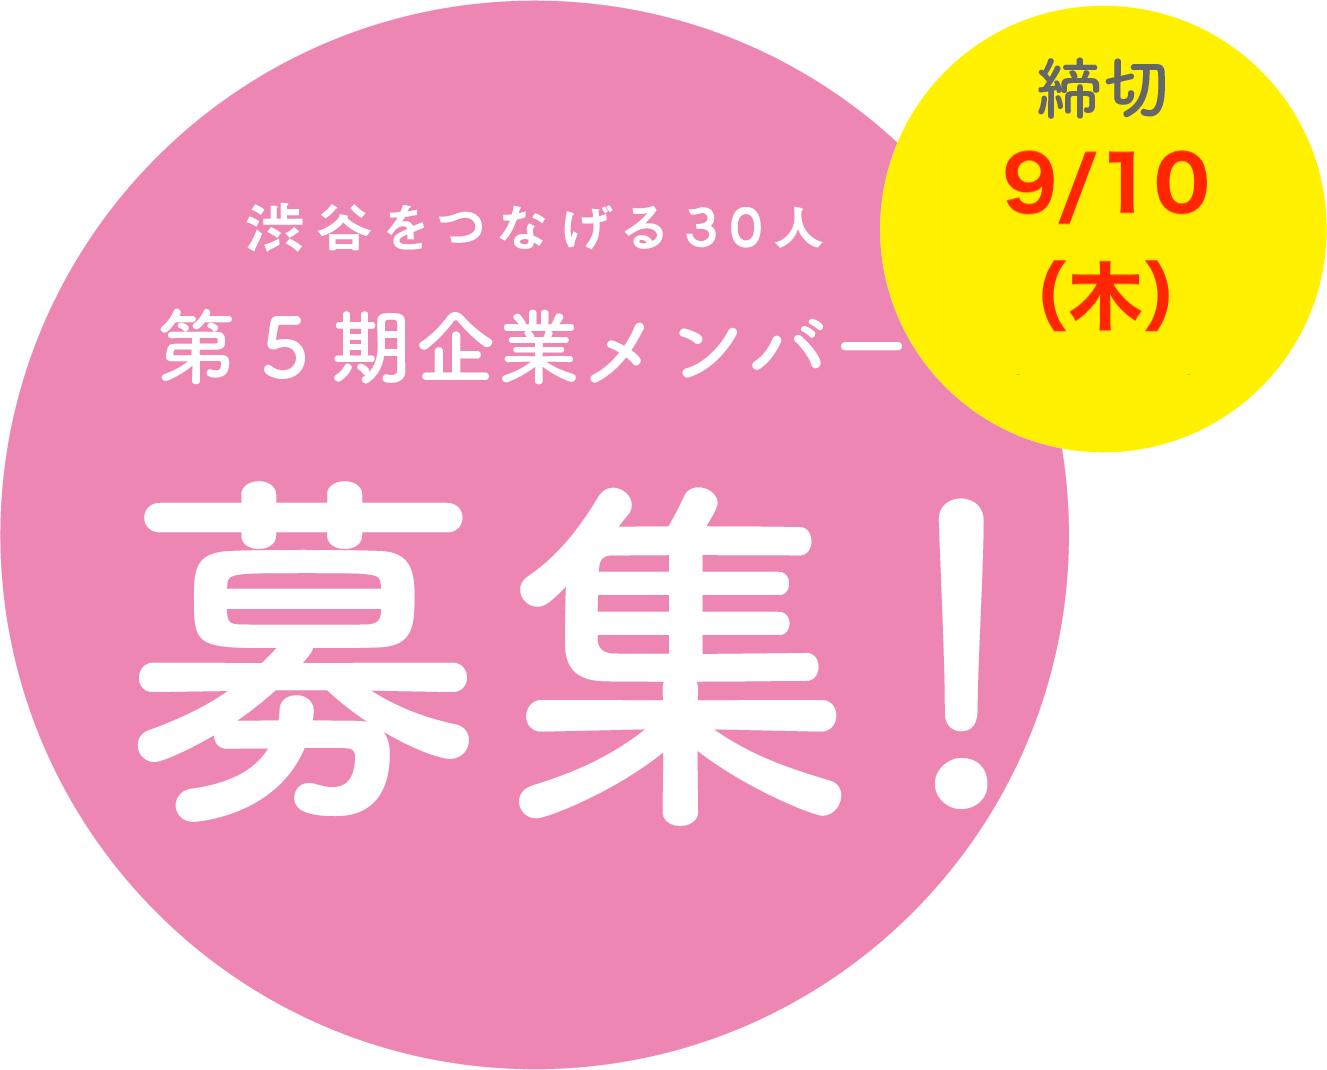 〜「渋谷をつなげる30人」5期メンバー募集! 〜共に渋谷区オープンイノベーションを起こしていくさせていく仲間になりませんか?